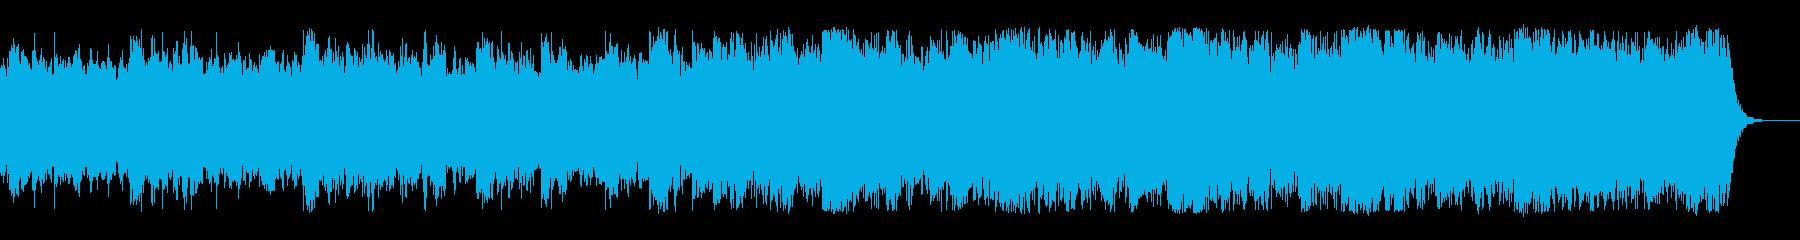 メロウなピアノベースのインストの再生済みの波形